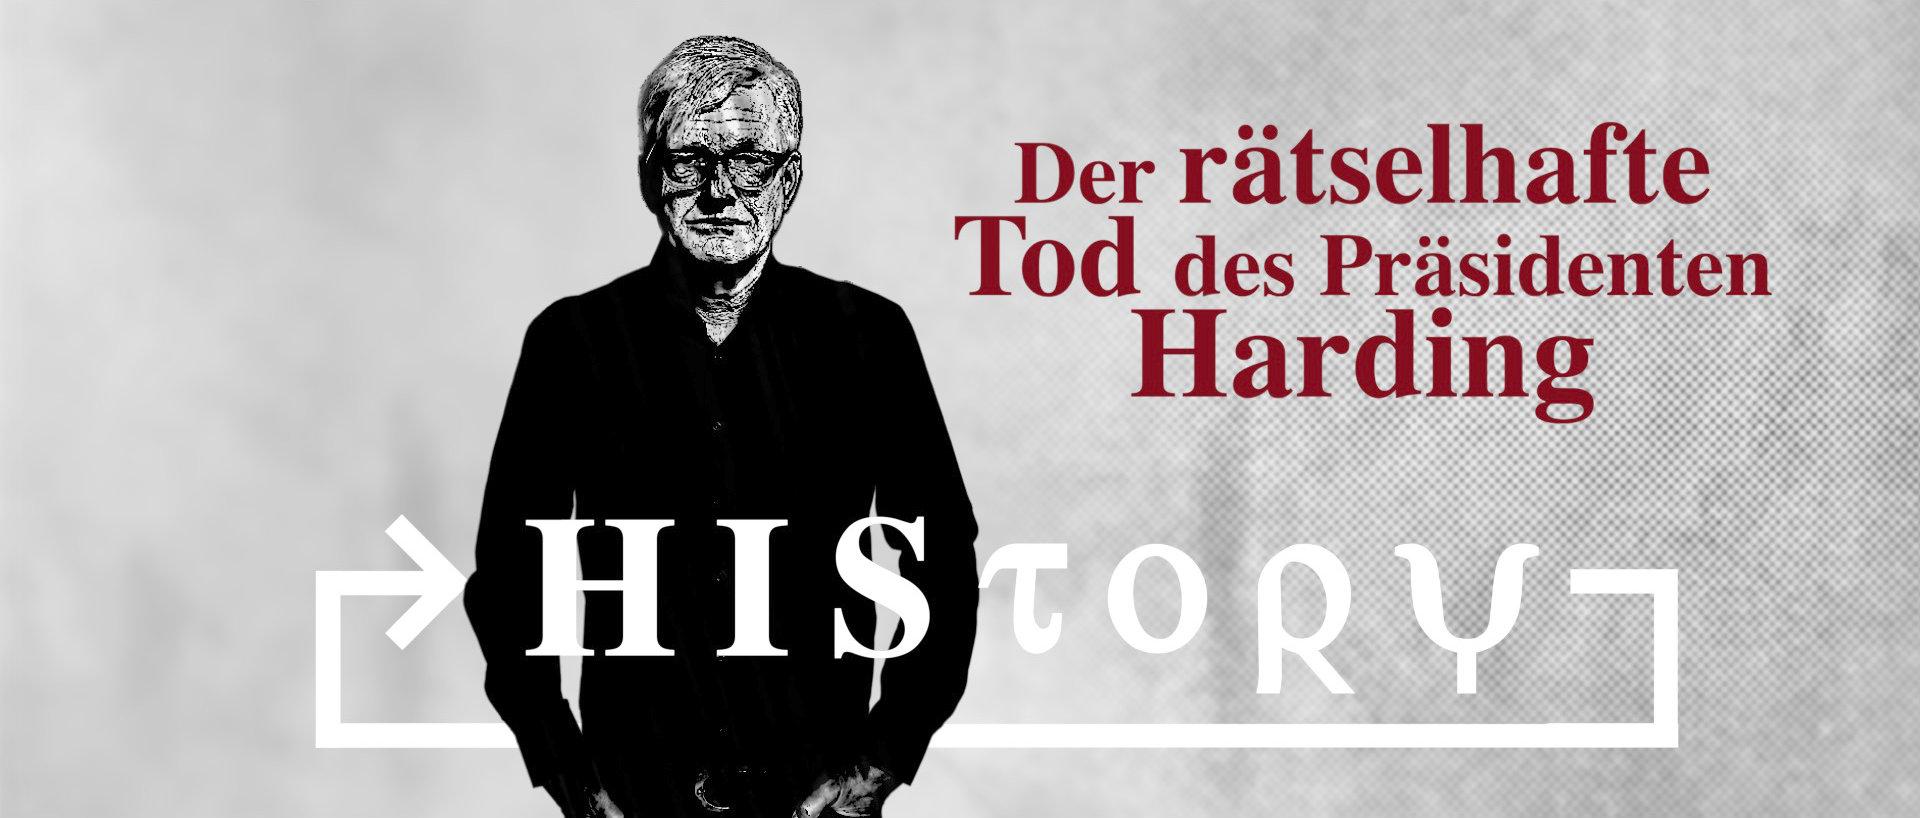 history:-der-ratselhafte-tod-des-prasidenten-harding-(podcast)- -kenfm.de